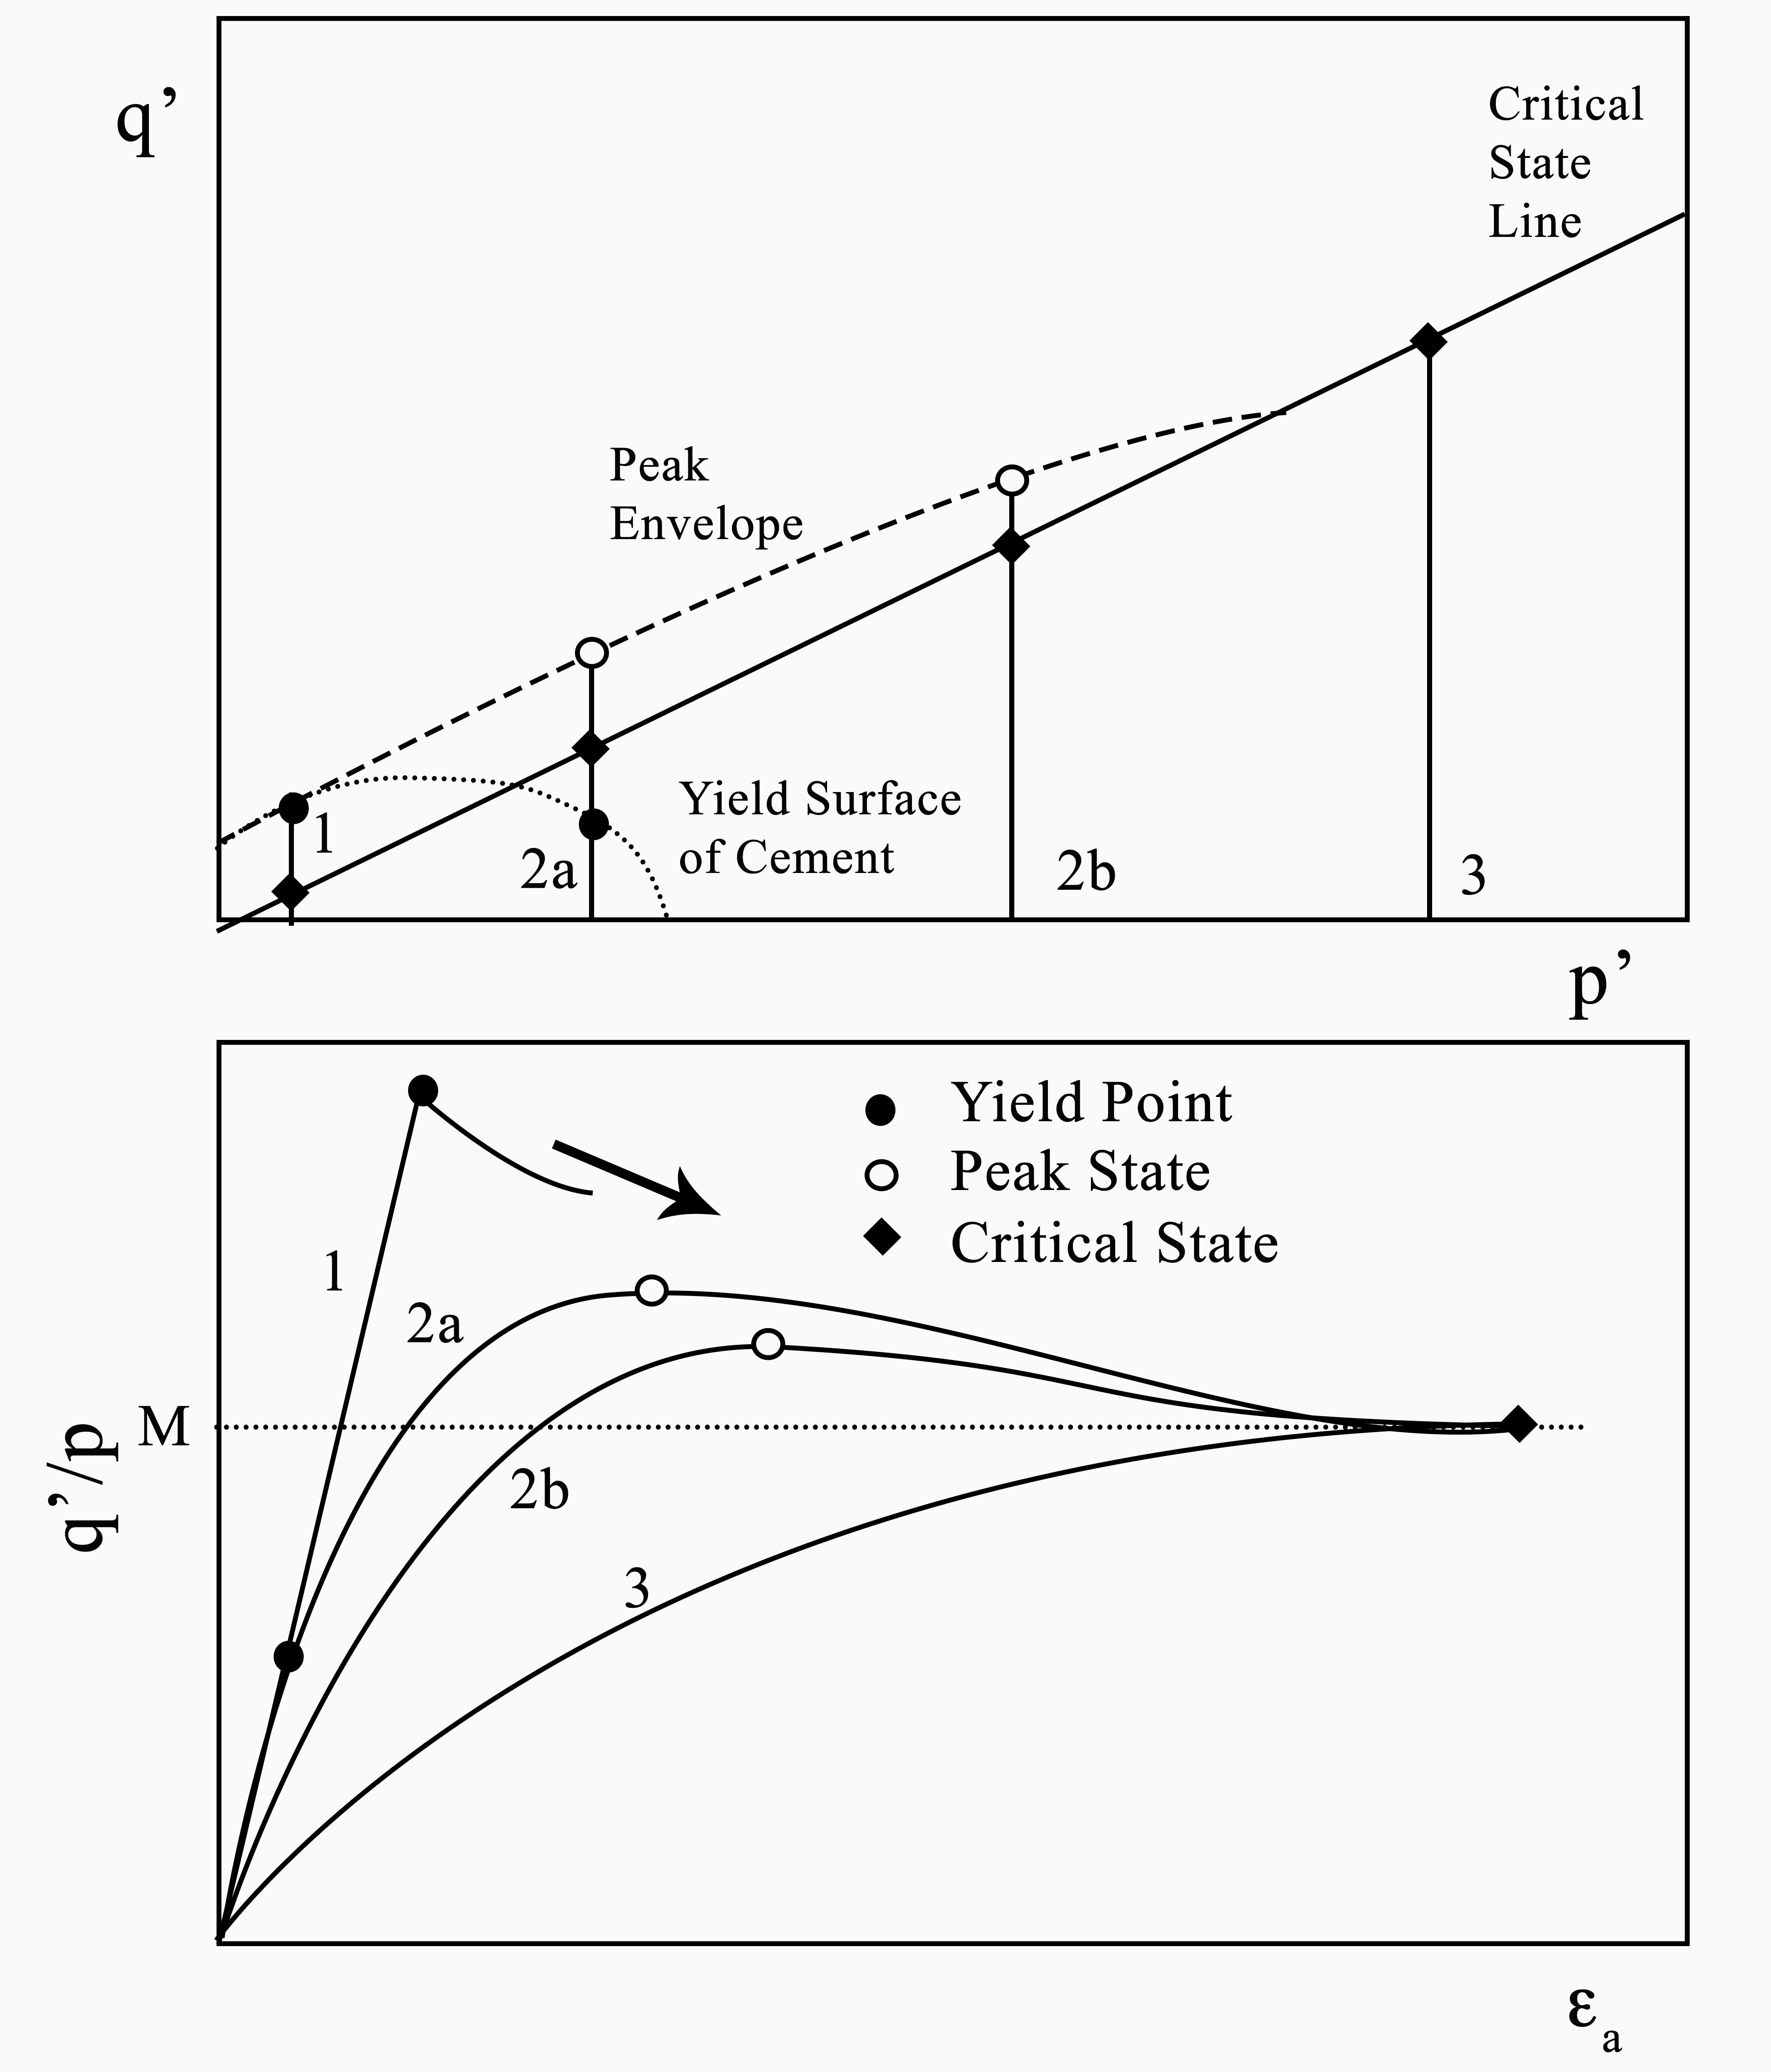 Cementation vs. Confinement